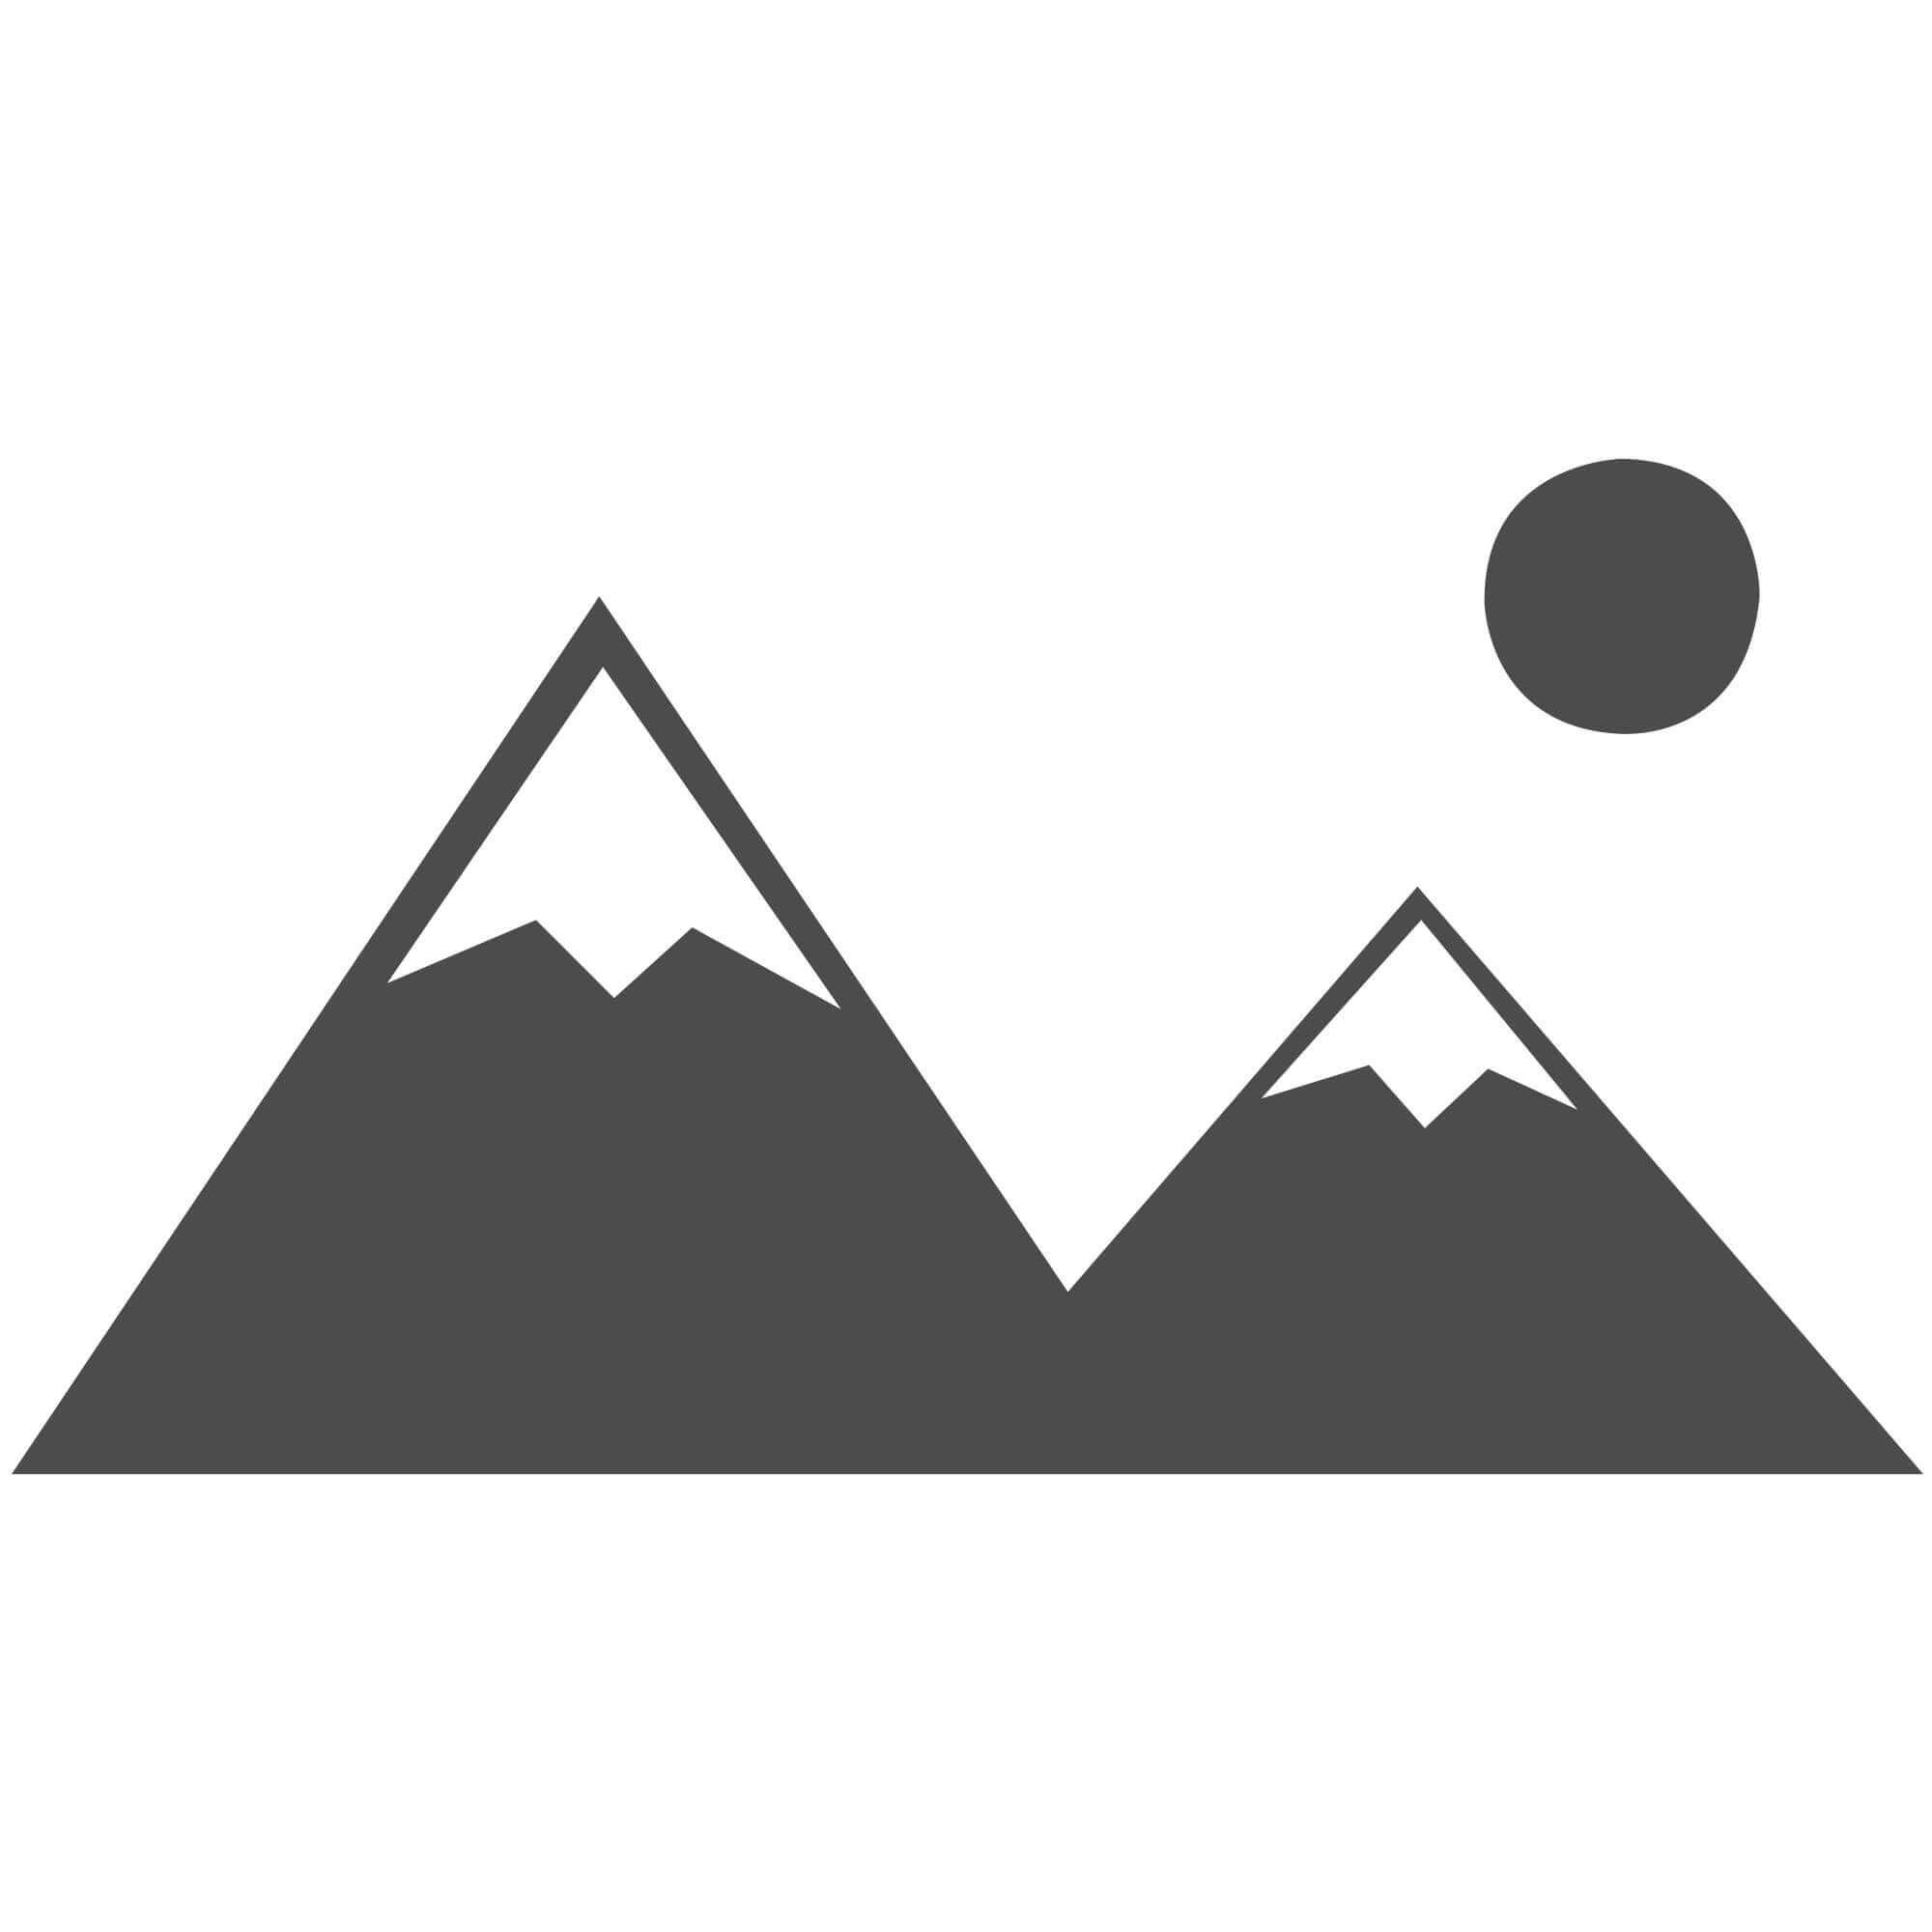 Galleria Rug - Square 63244 2626 - Size Runner 67 x 330 cm